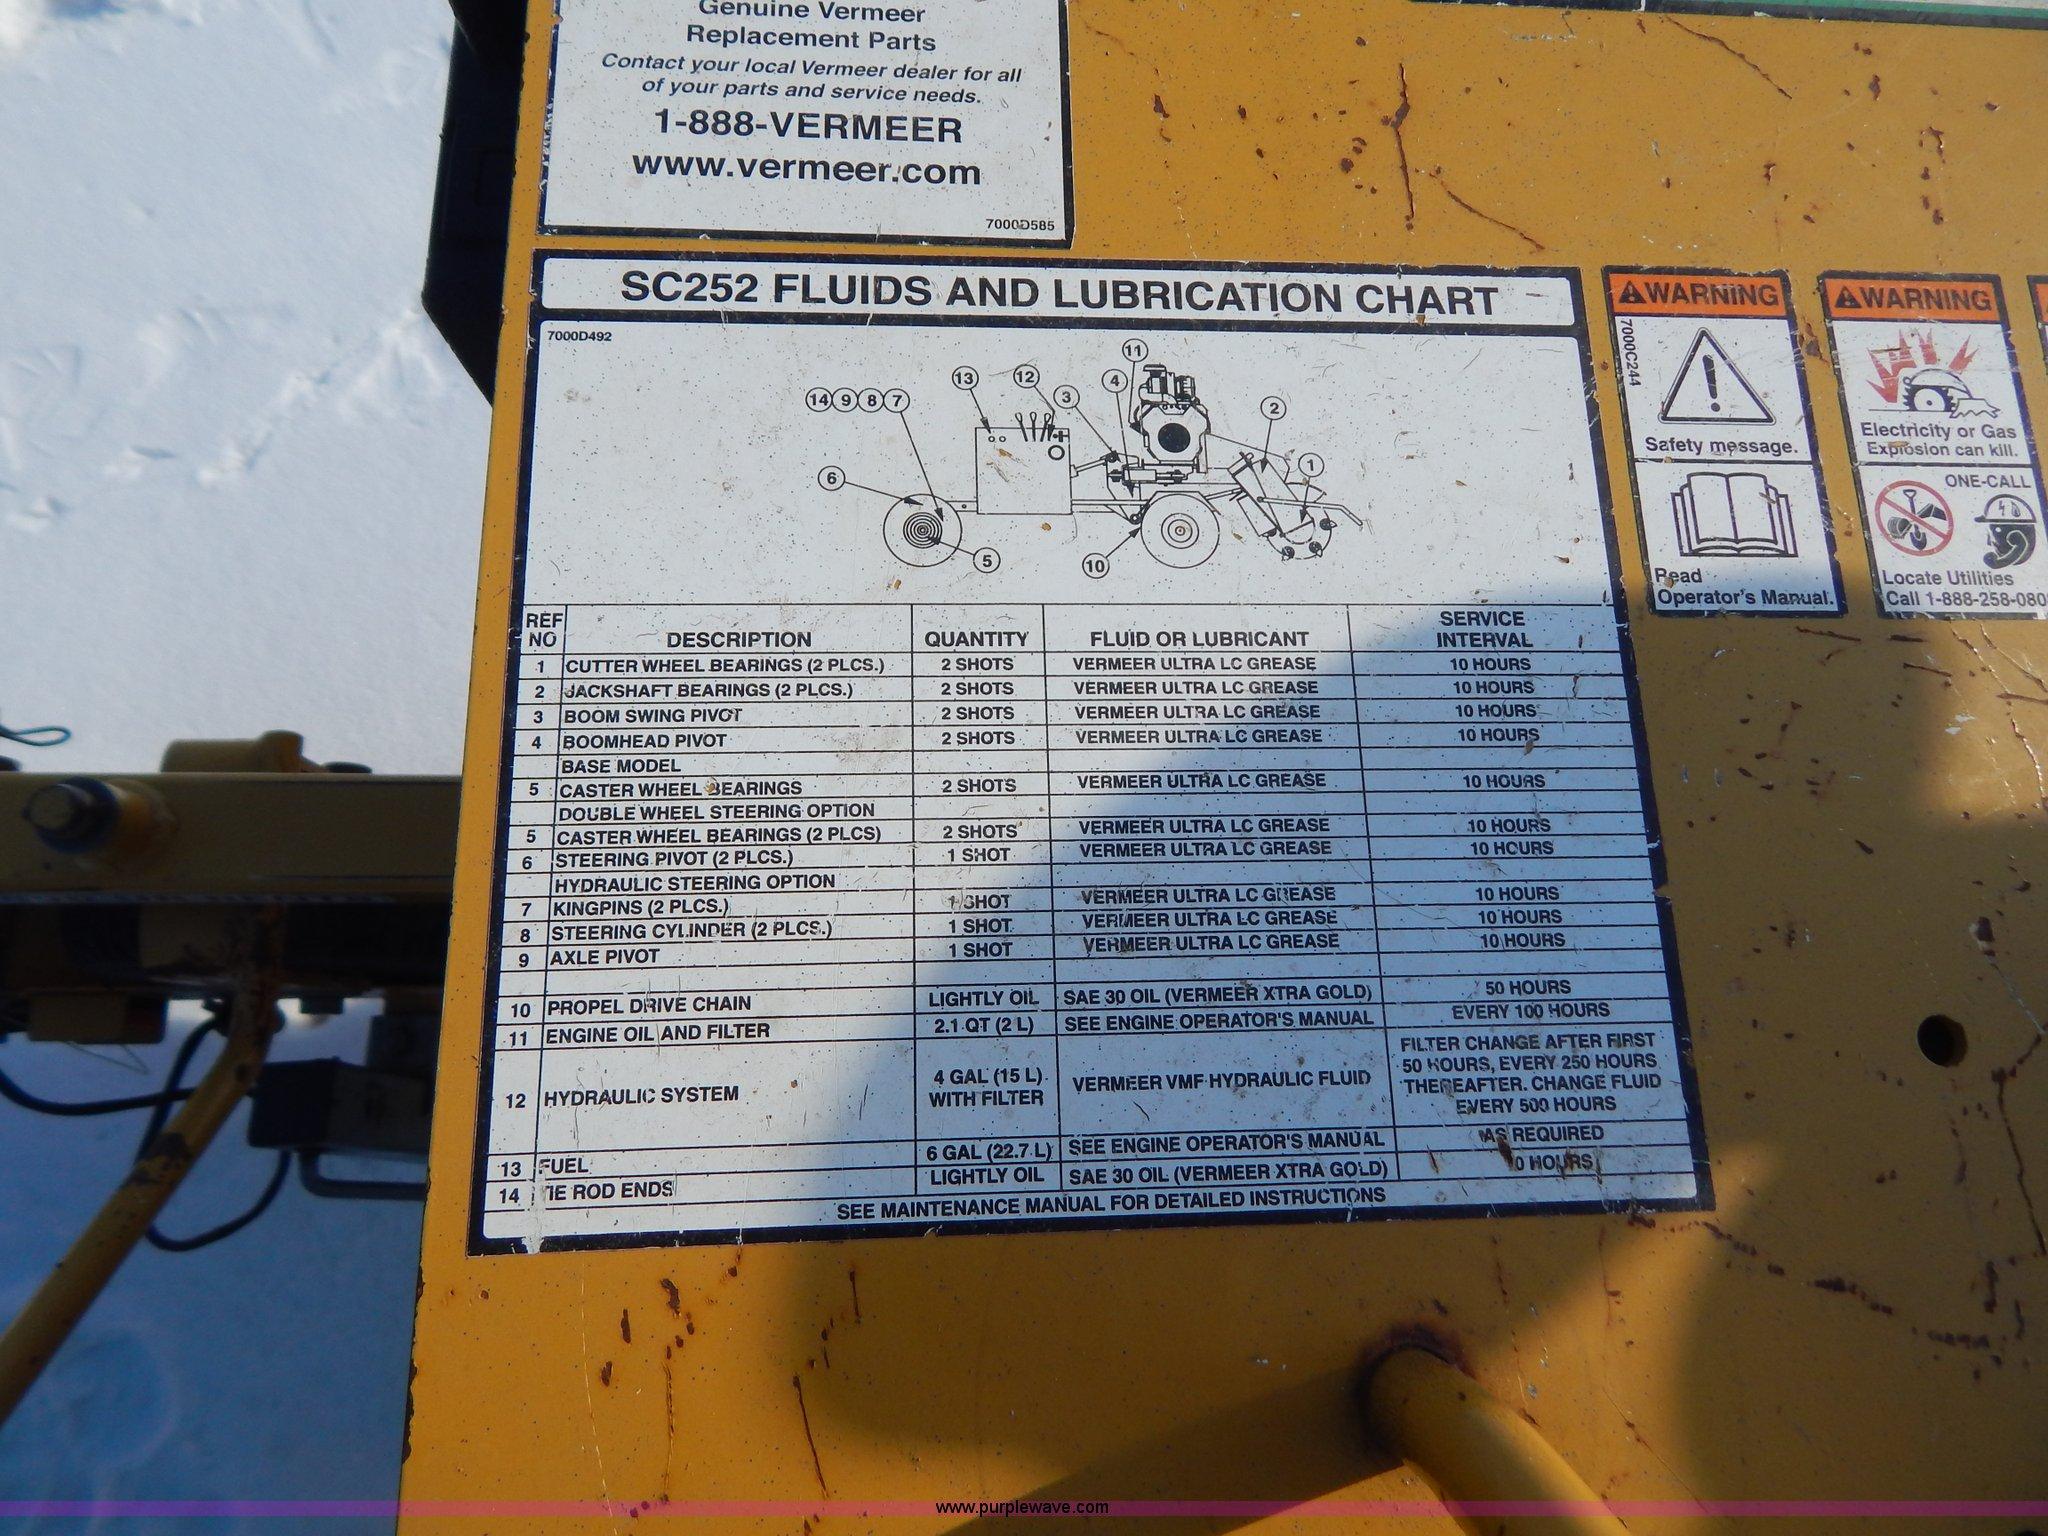 2010 Vermeer SC252 stump grinder | Item I1146 | SOLD! March